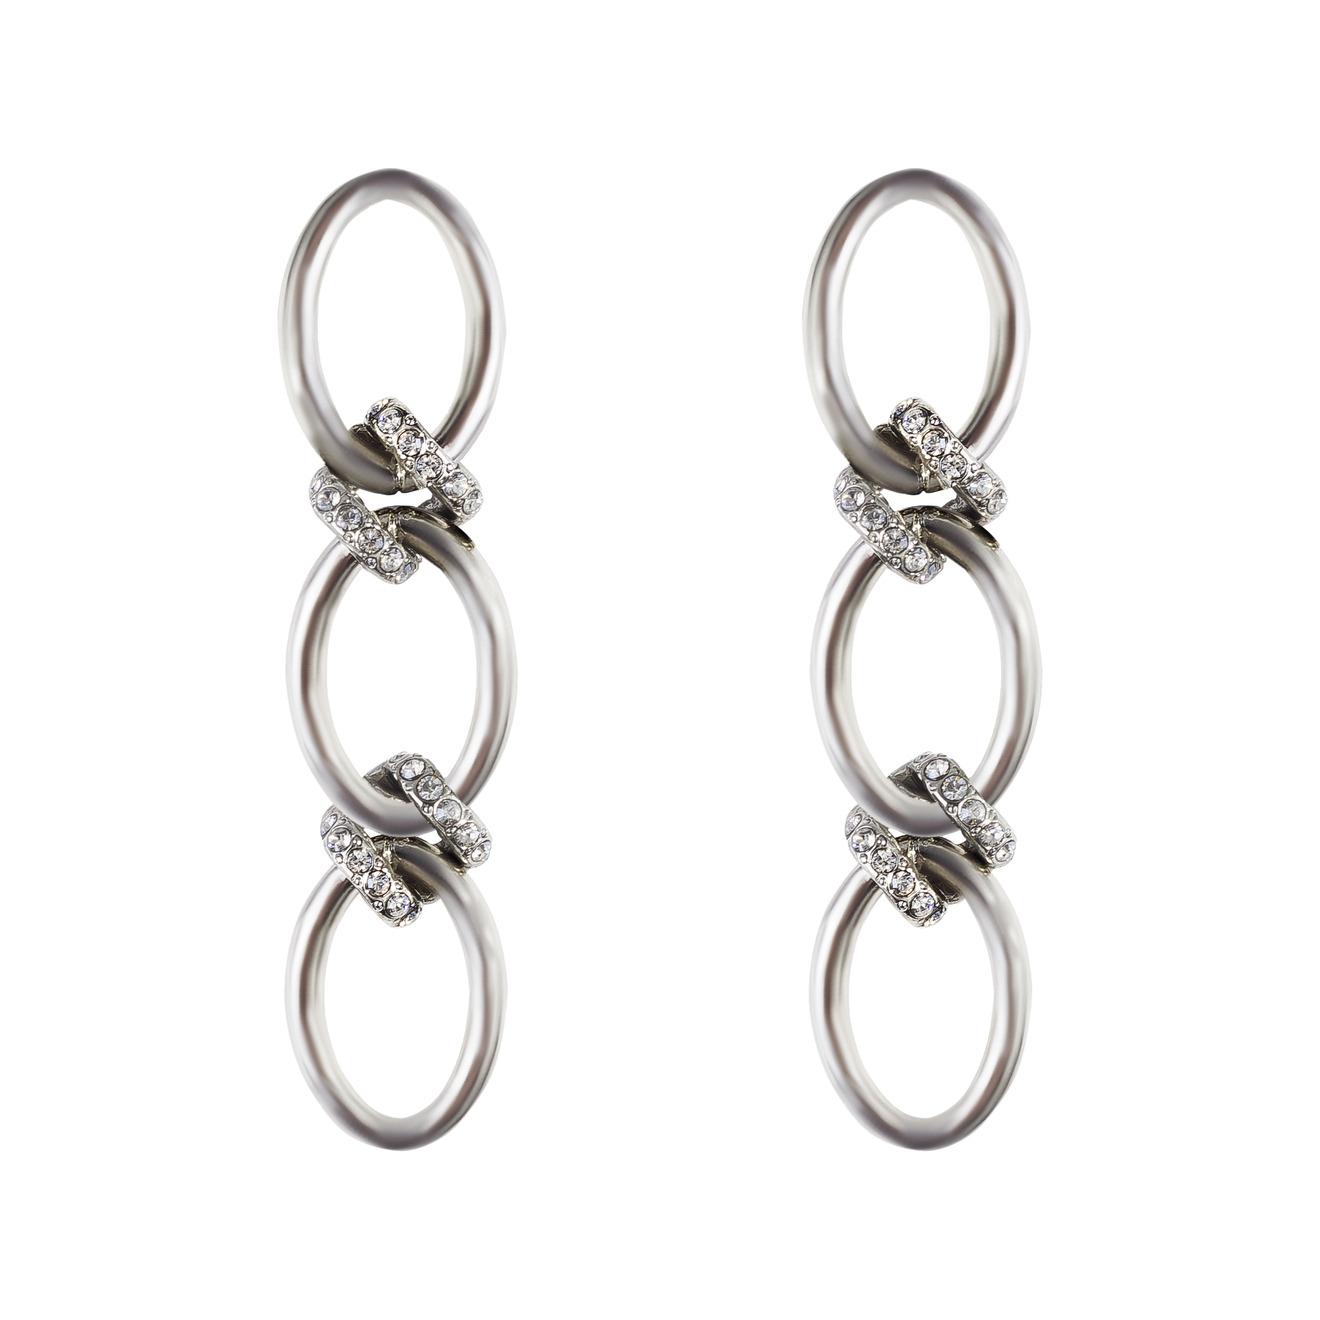 Oscar de la Renta Серебристые тройные серьги-кольца